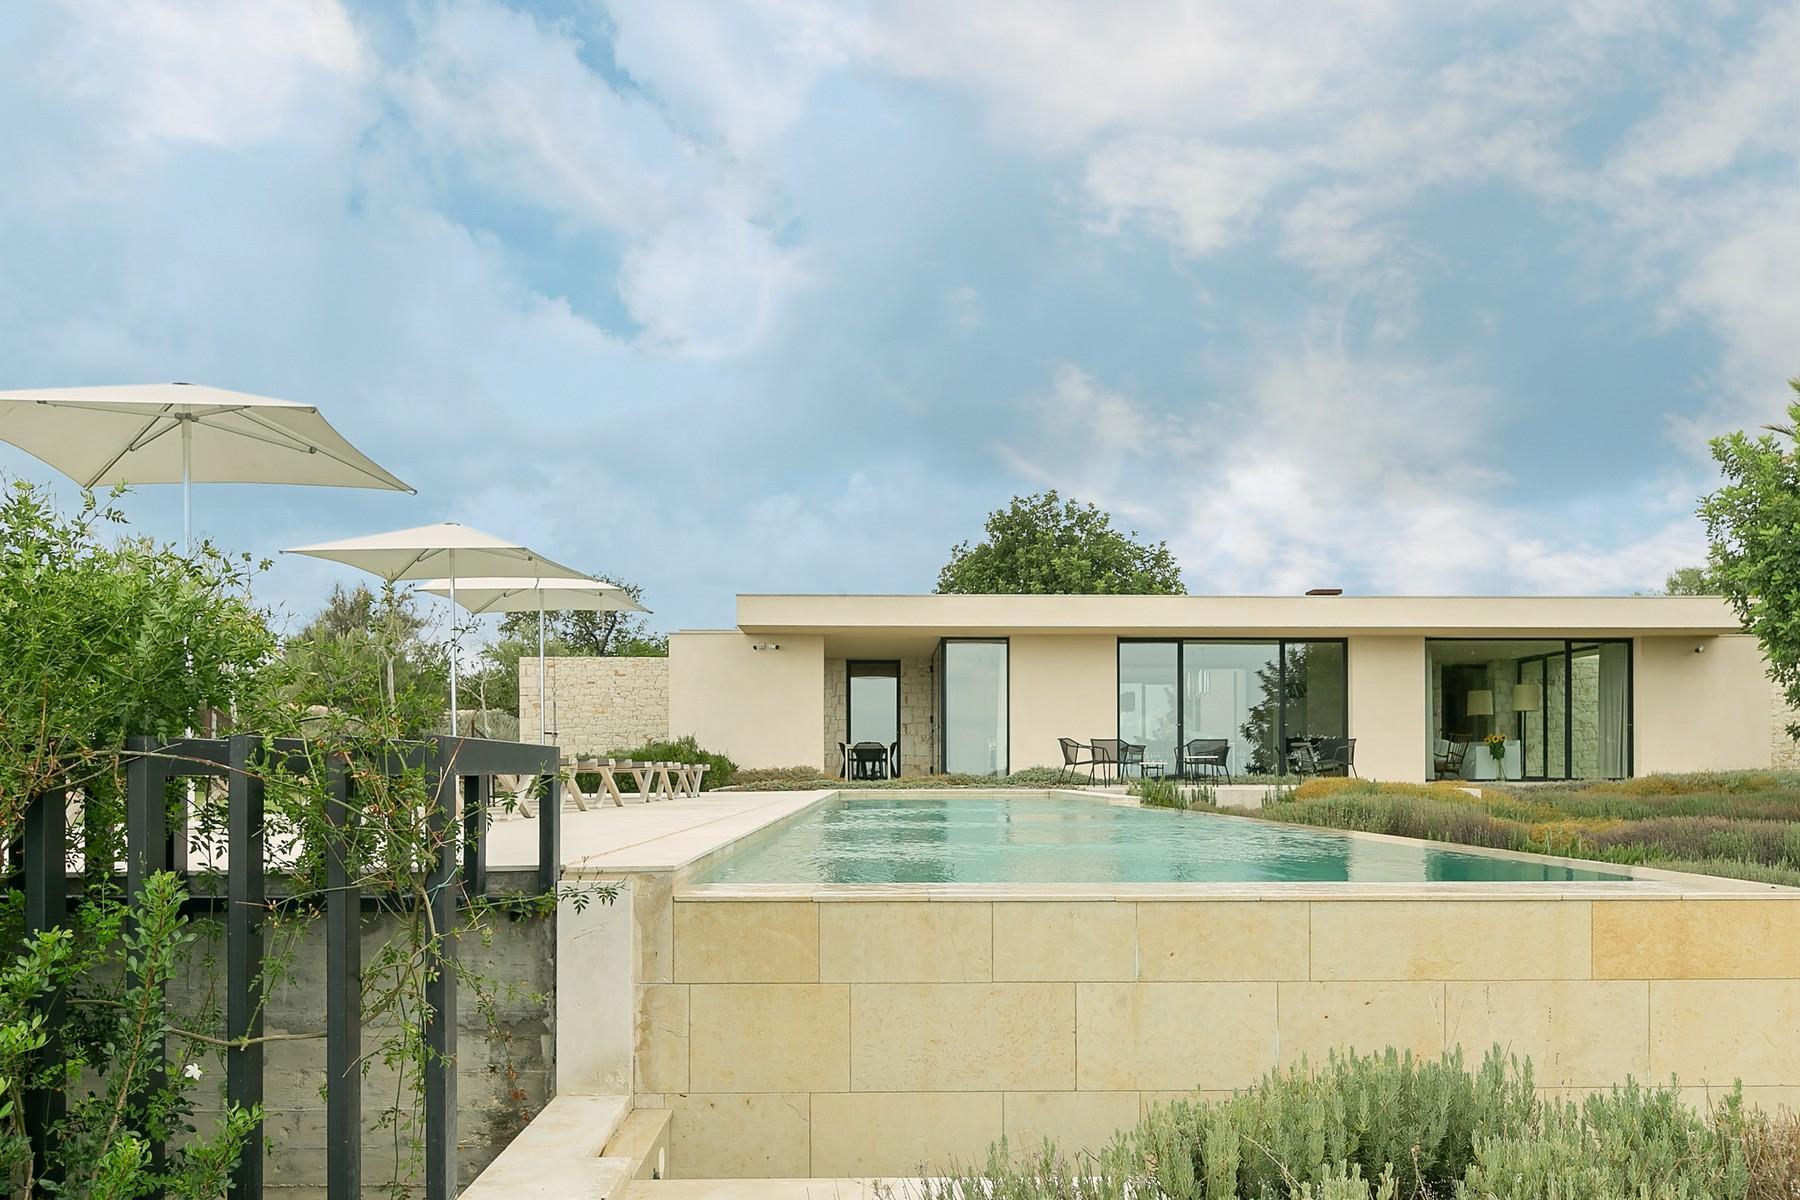 拥有游泳池和附属建筑当代设计的别墅 - 34